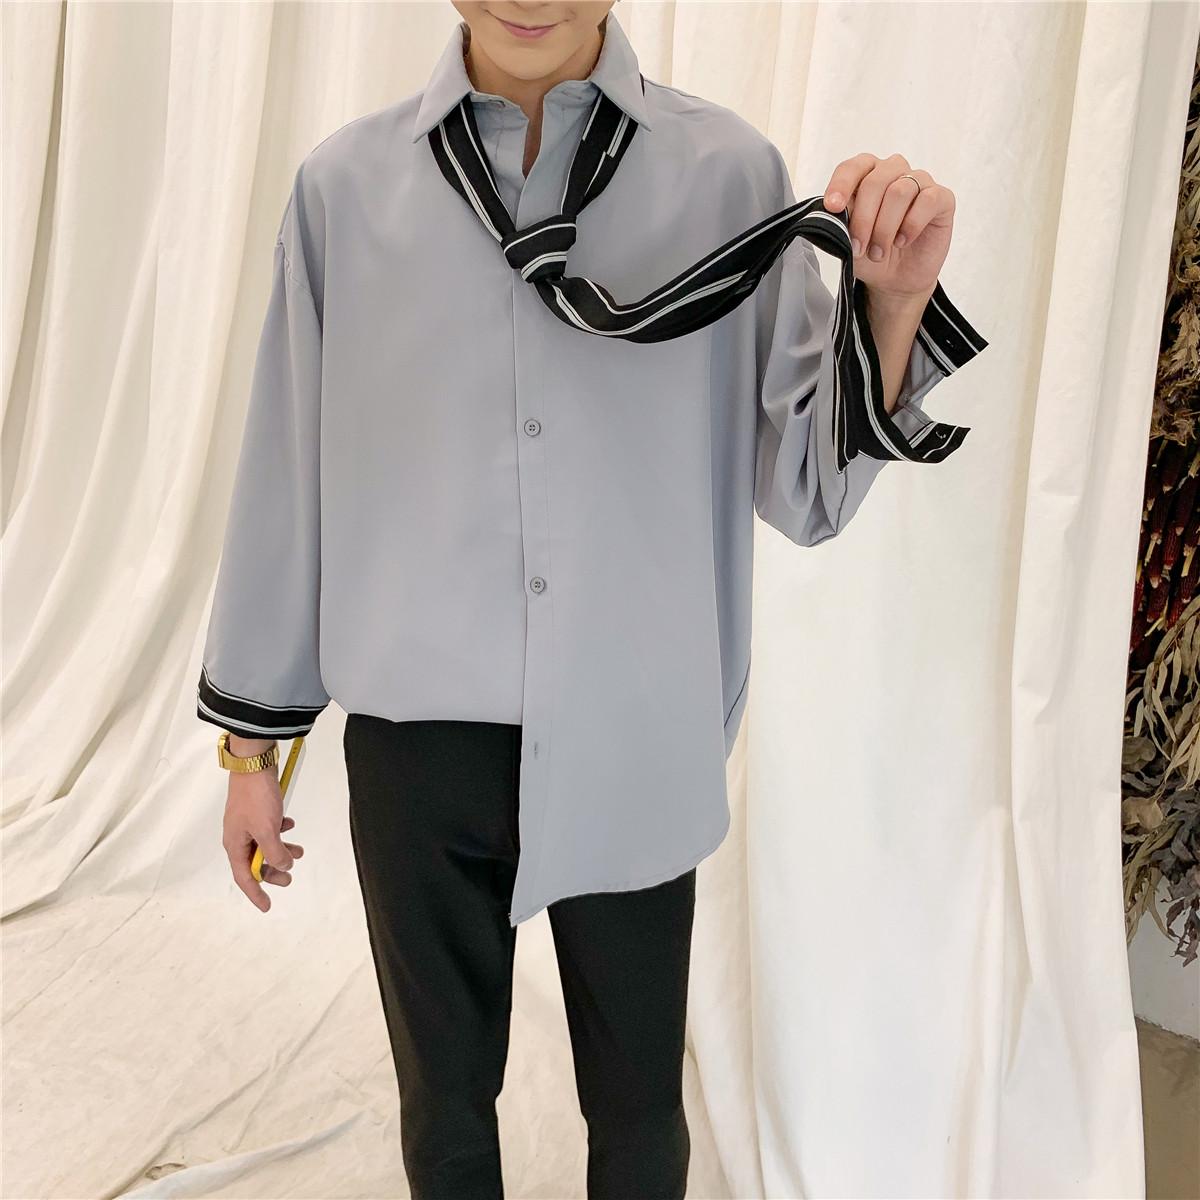 的仙秋季清新外套ins衬衣长袖韩版潮流洋气小领带很衬衫男装宽松